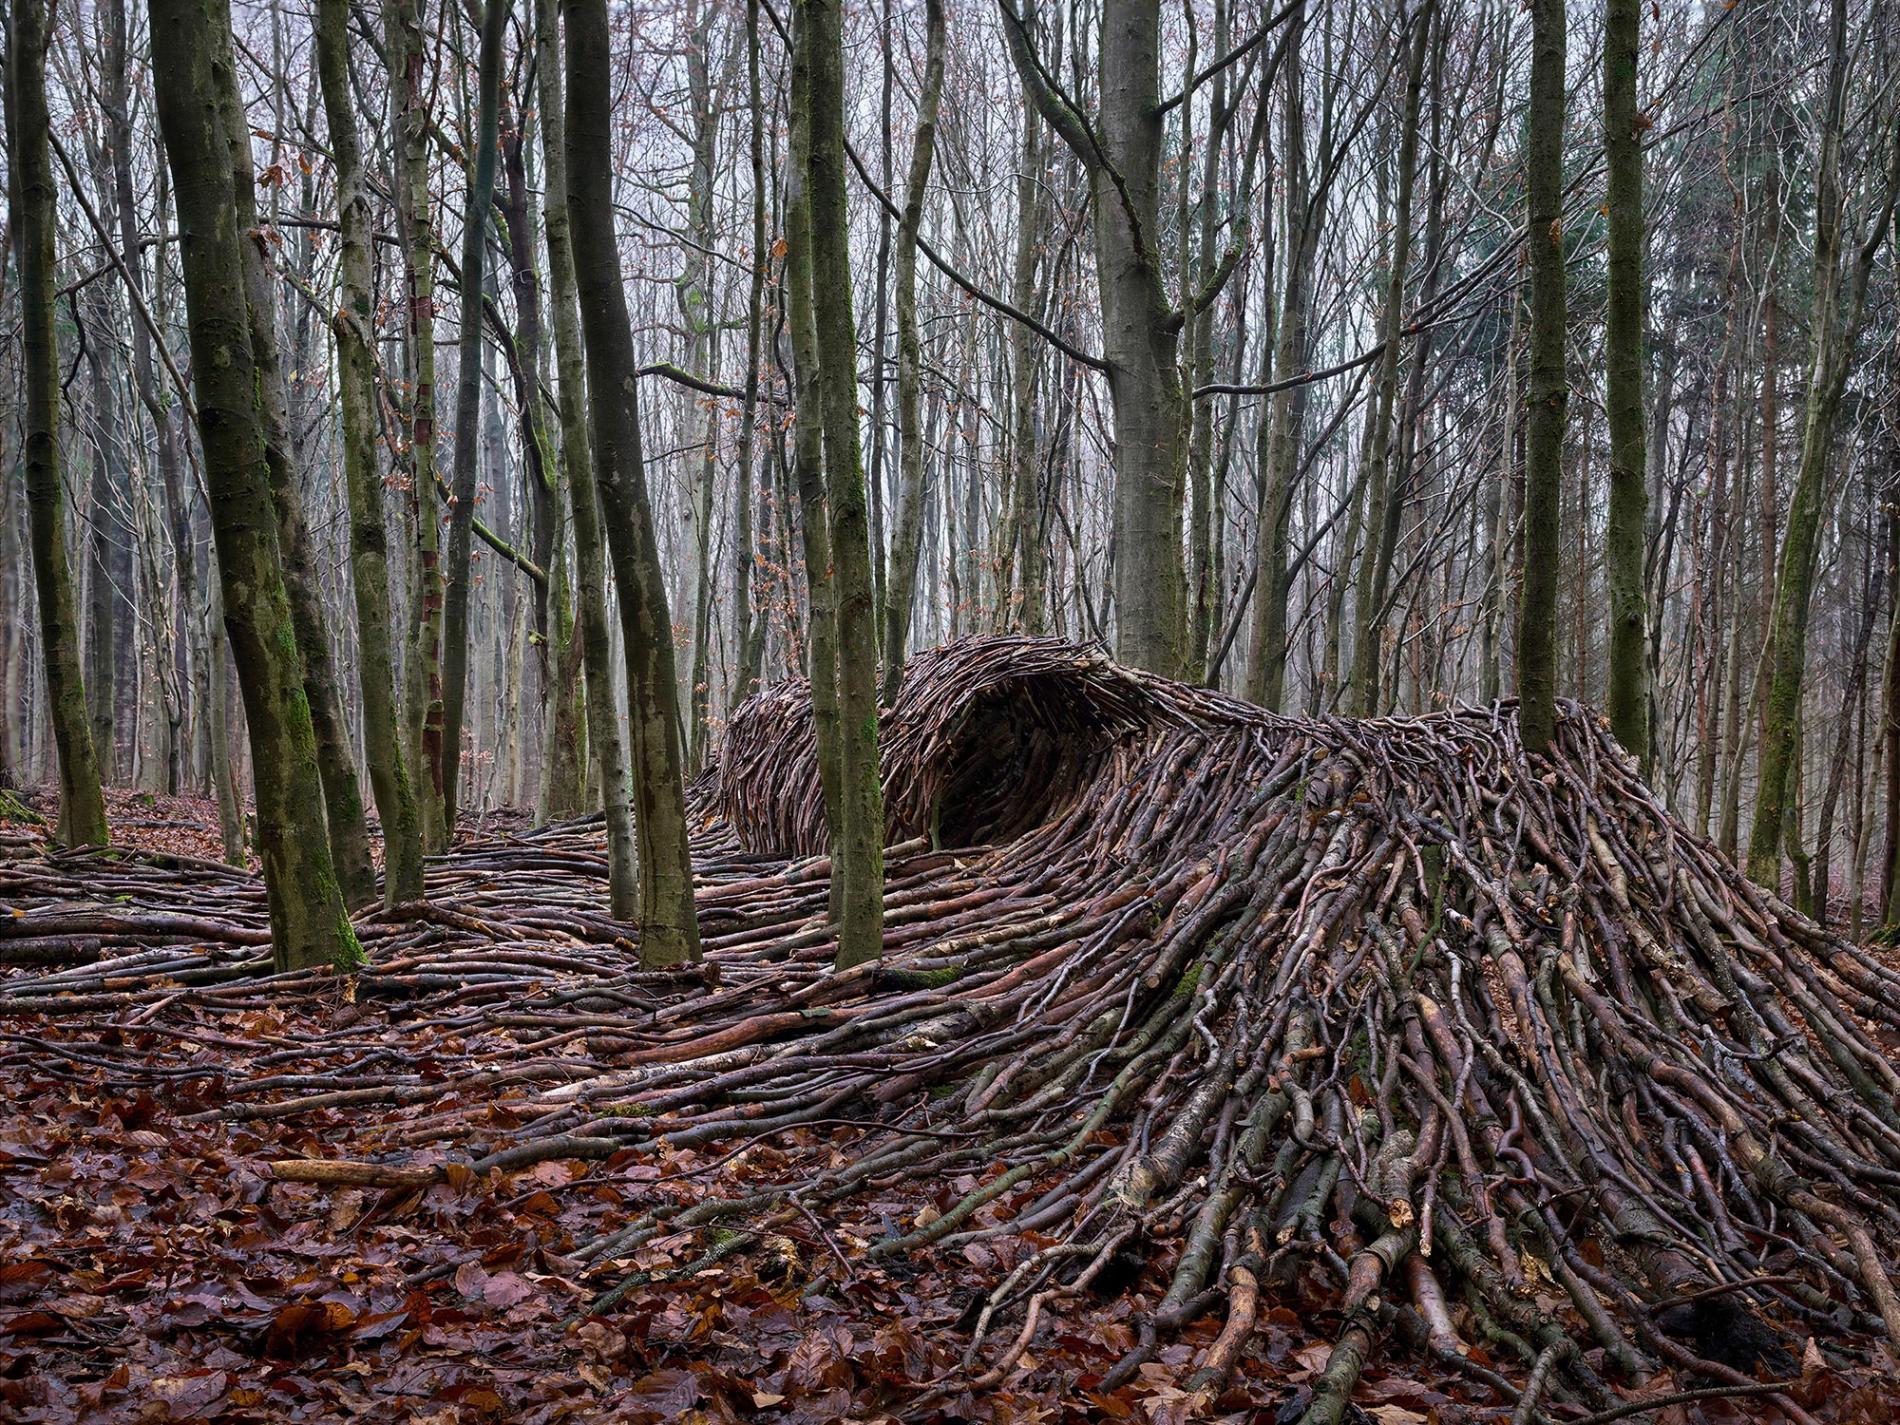 olas de madera fotografia Jörg Gläscher tubo